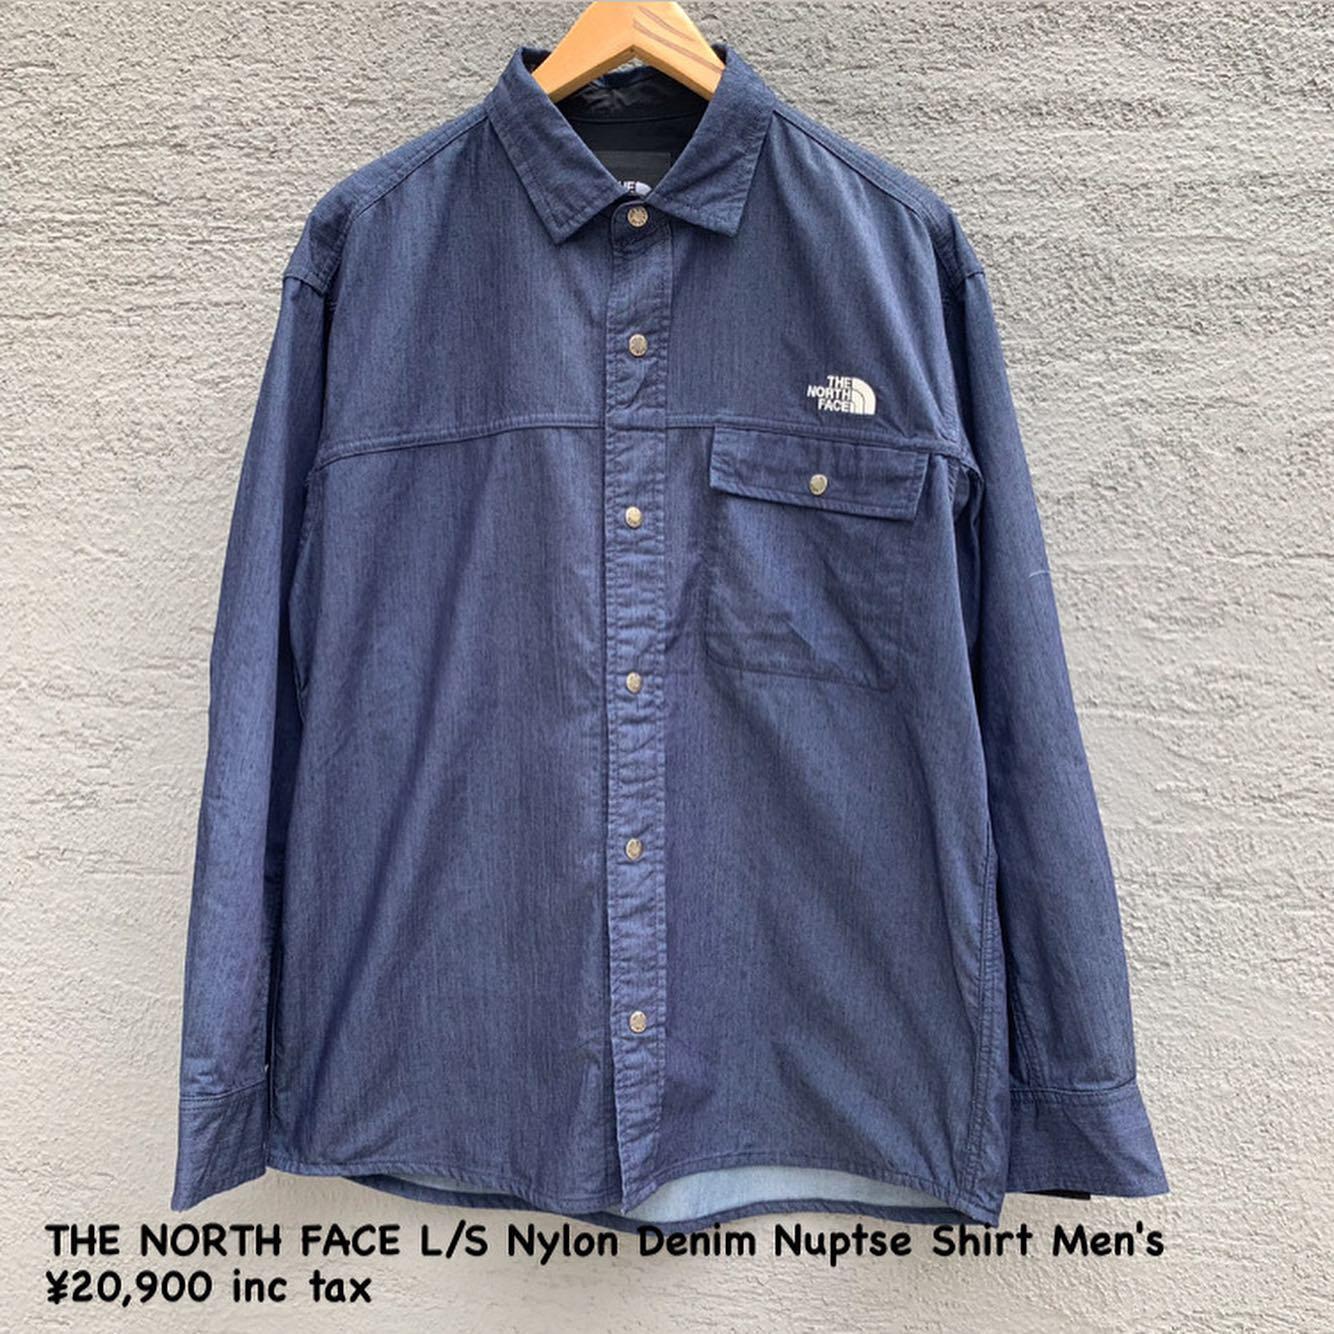 『THE NORTH FACE ロングスリーブナイロンデニムヌプシシャツ メンズ』のご紹介